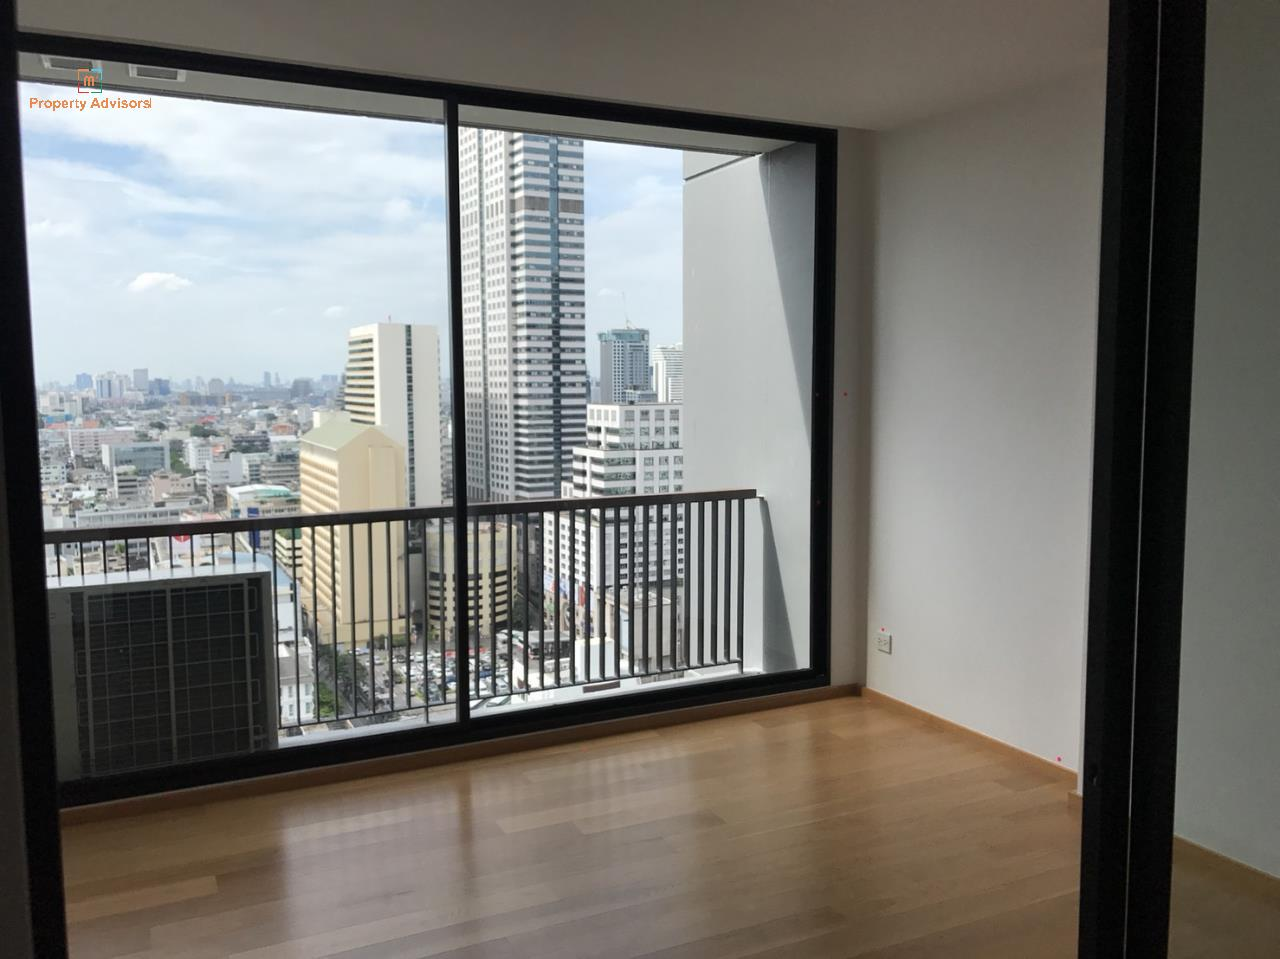 m2 Property Advisors Agency's Noble Revo Silom - New Super High floor room 1